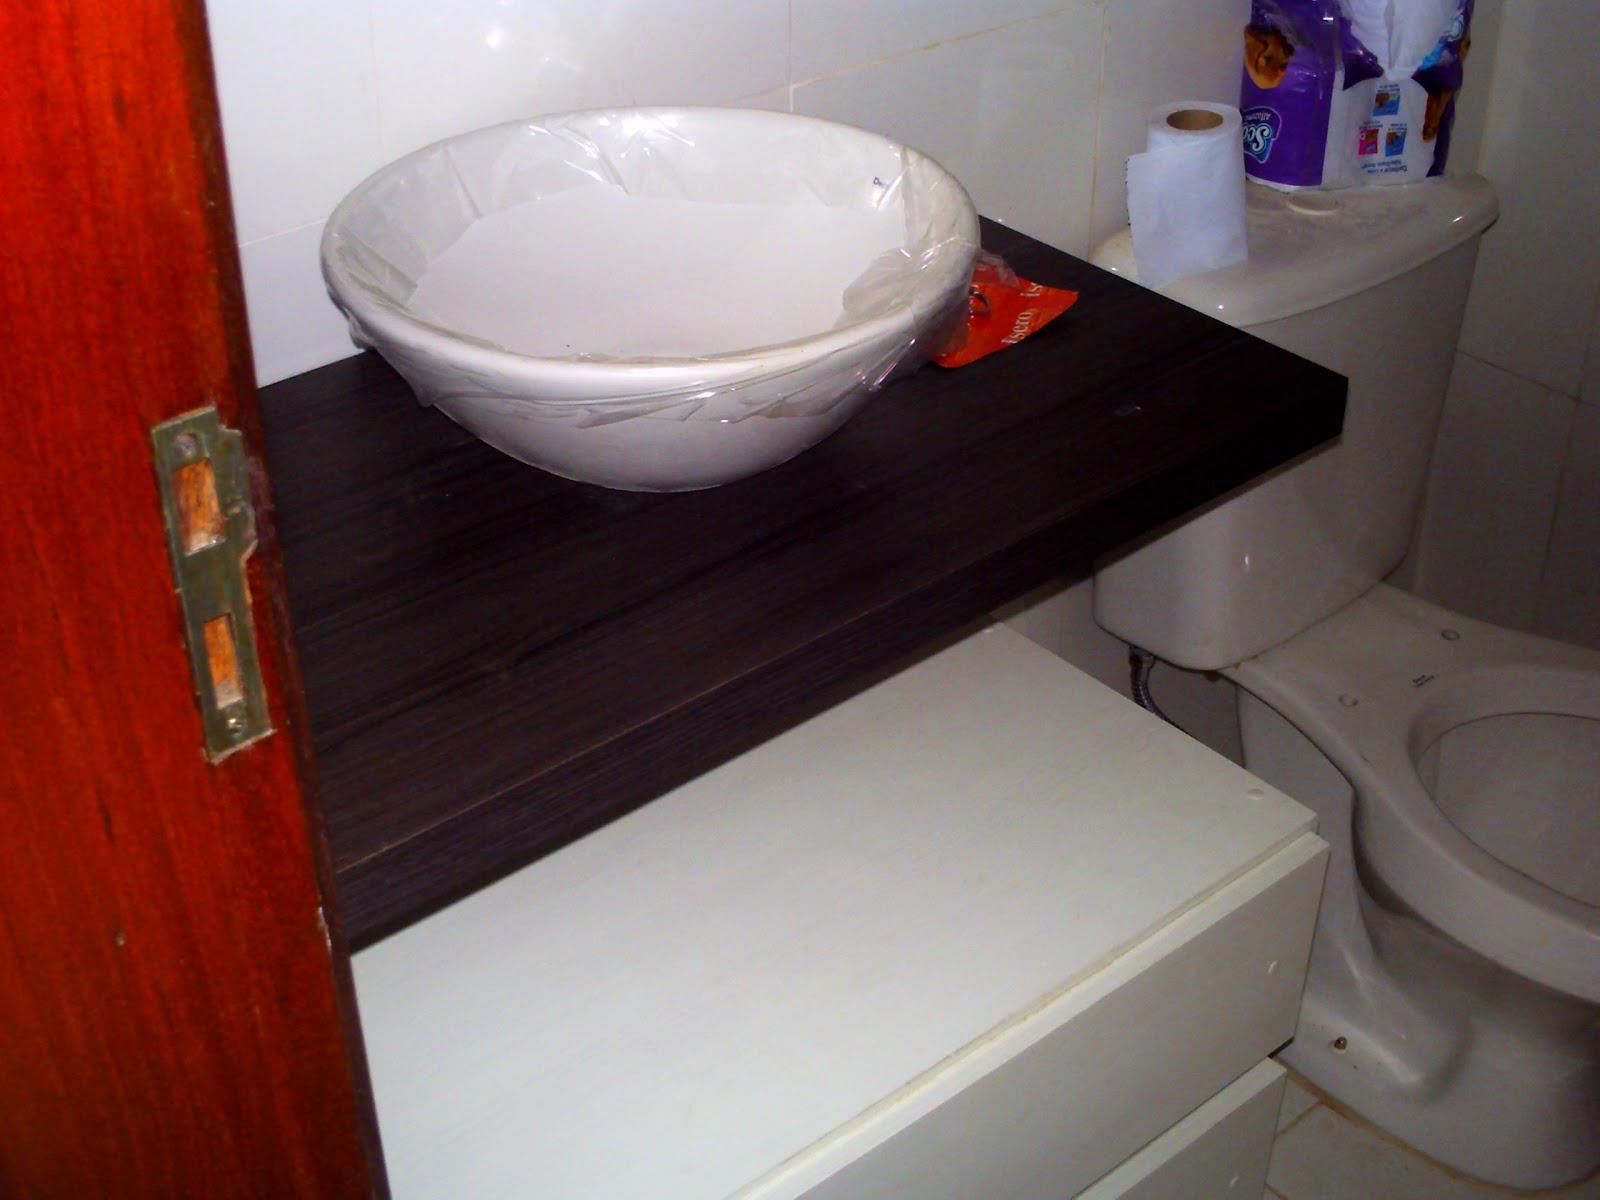 Móveis Alencastro: Armário de Banheiro #BF1700 1600x1200 Banheiro Armario